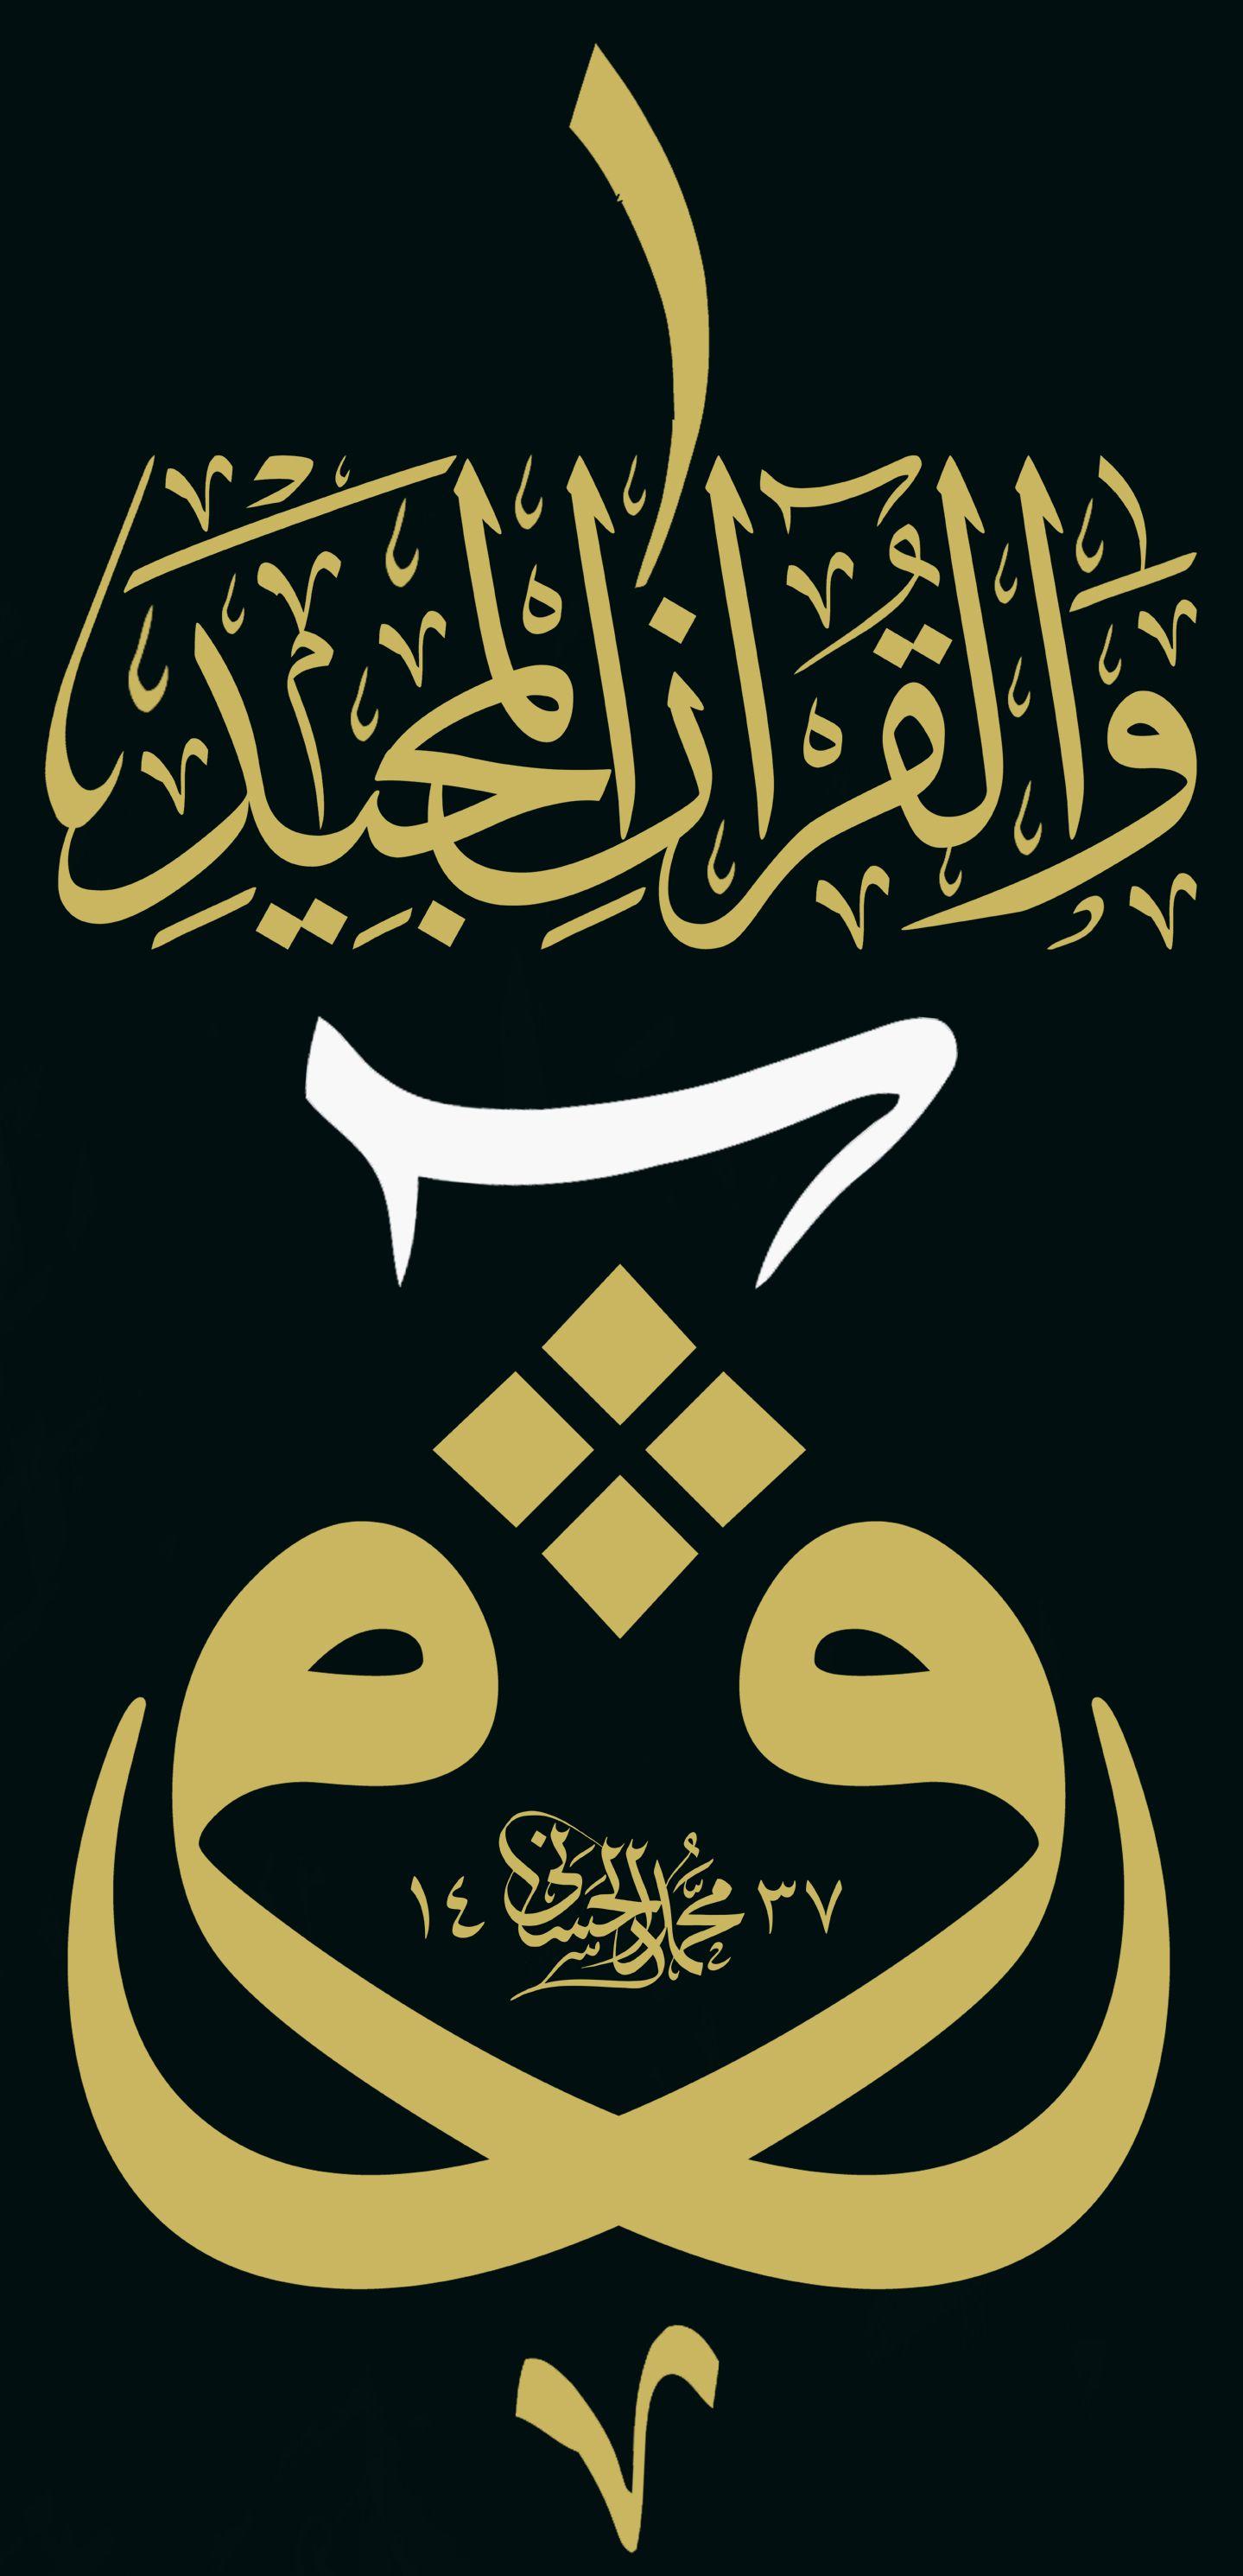 ق و ال ق ر آن ال م ج يد الخطاط محمد الحسني المشرفاوي Arabic Calligraphy Islamic Art Calligraphy